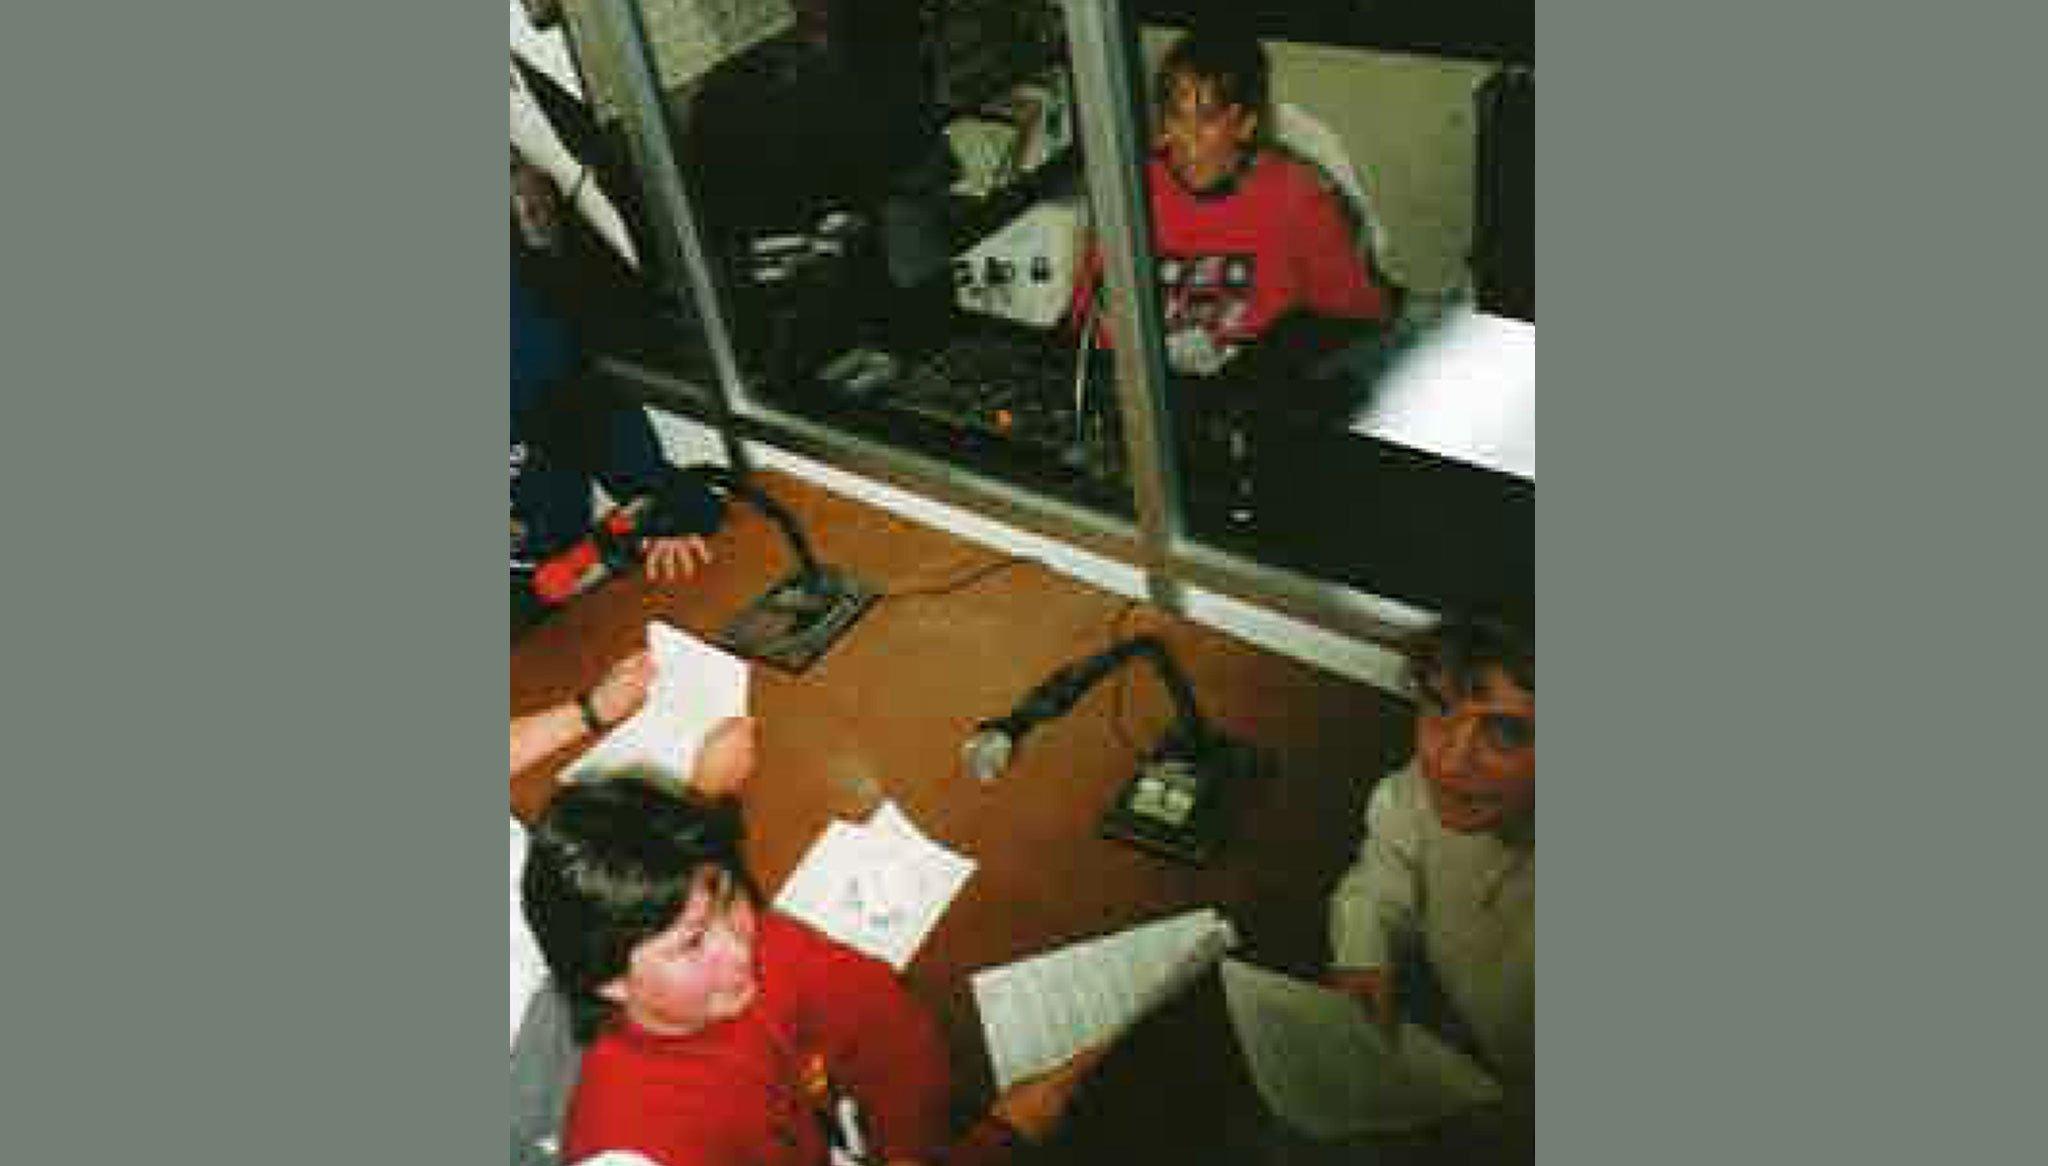 Emisora de radio del CEIP Trenc d'Alba, llamada «Radio Amanecer» (Foto extraída del libro «25 anys al CEIP Trenc d'Alba», de 2009)